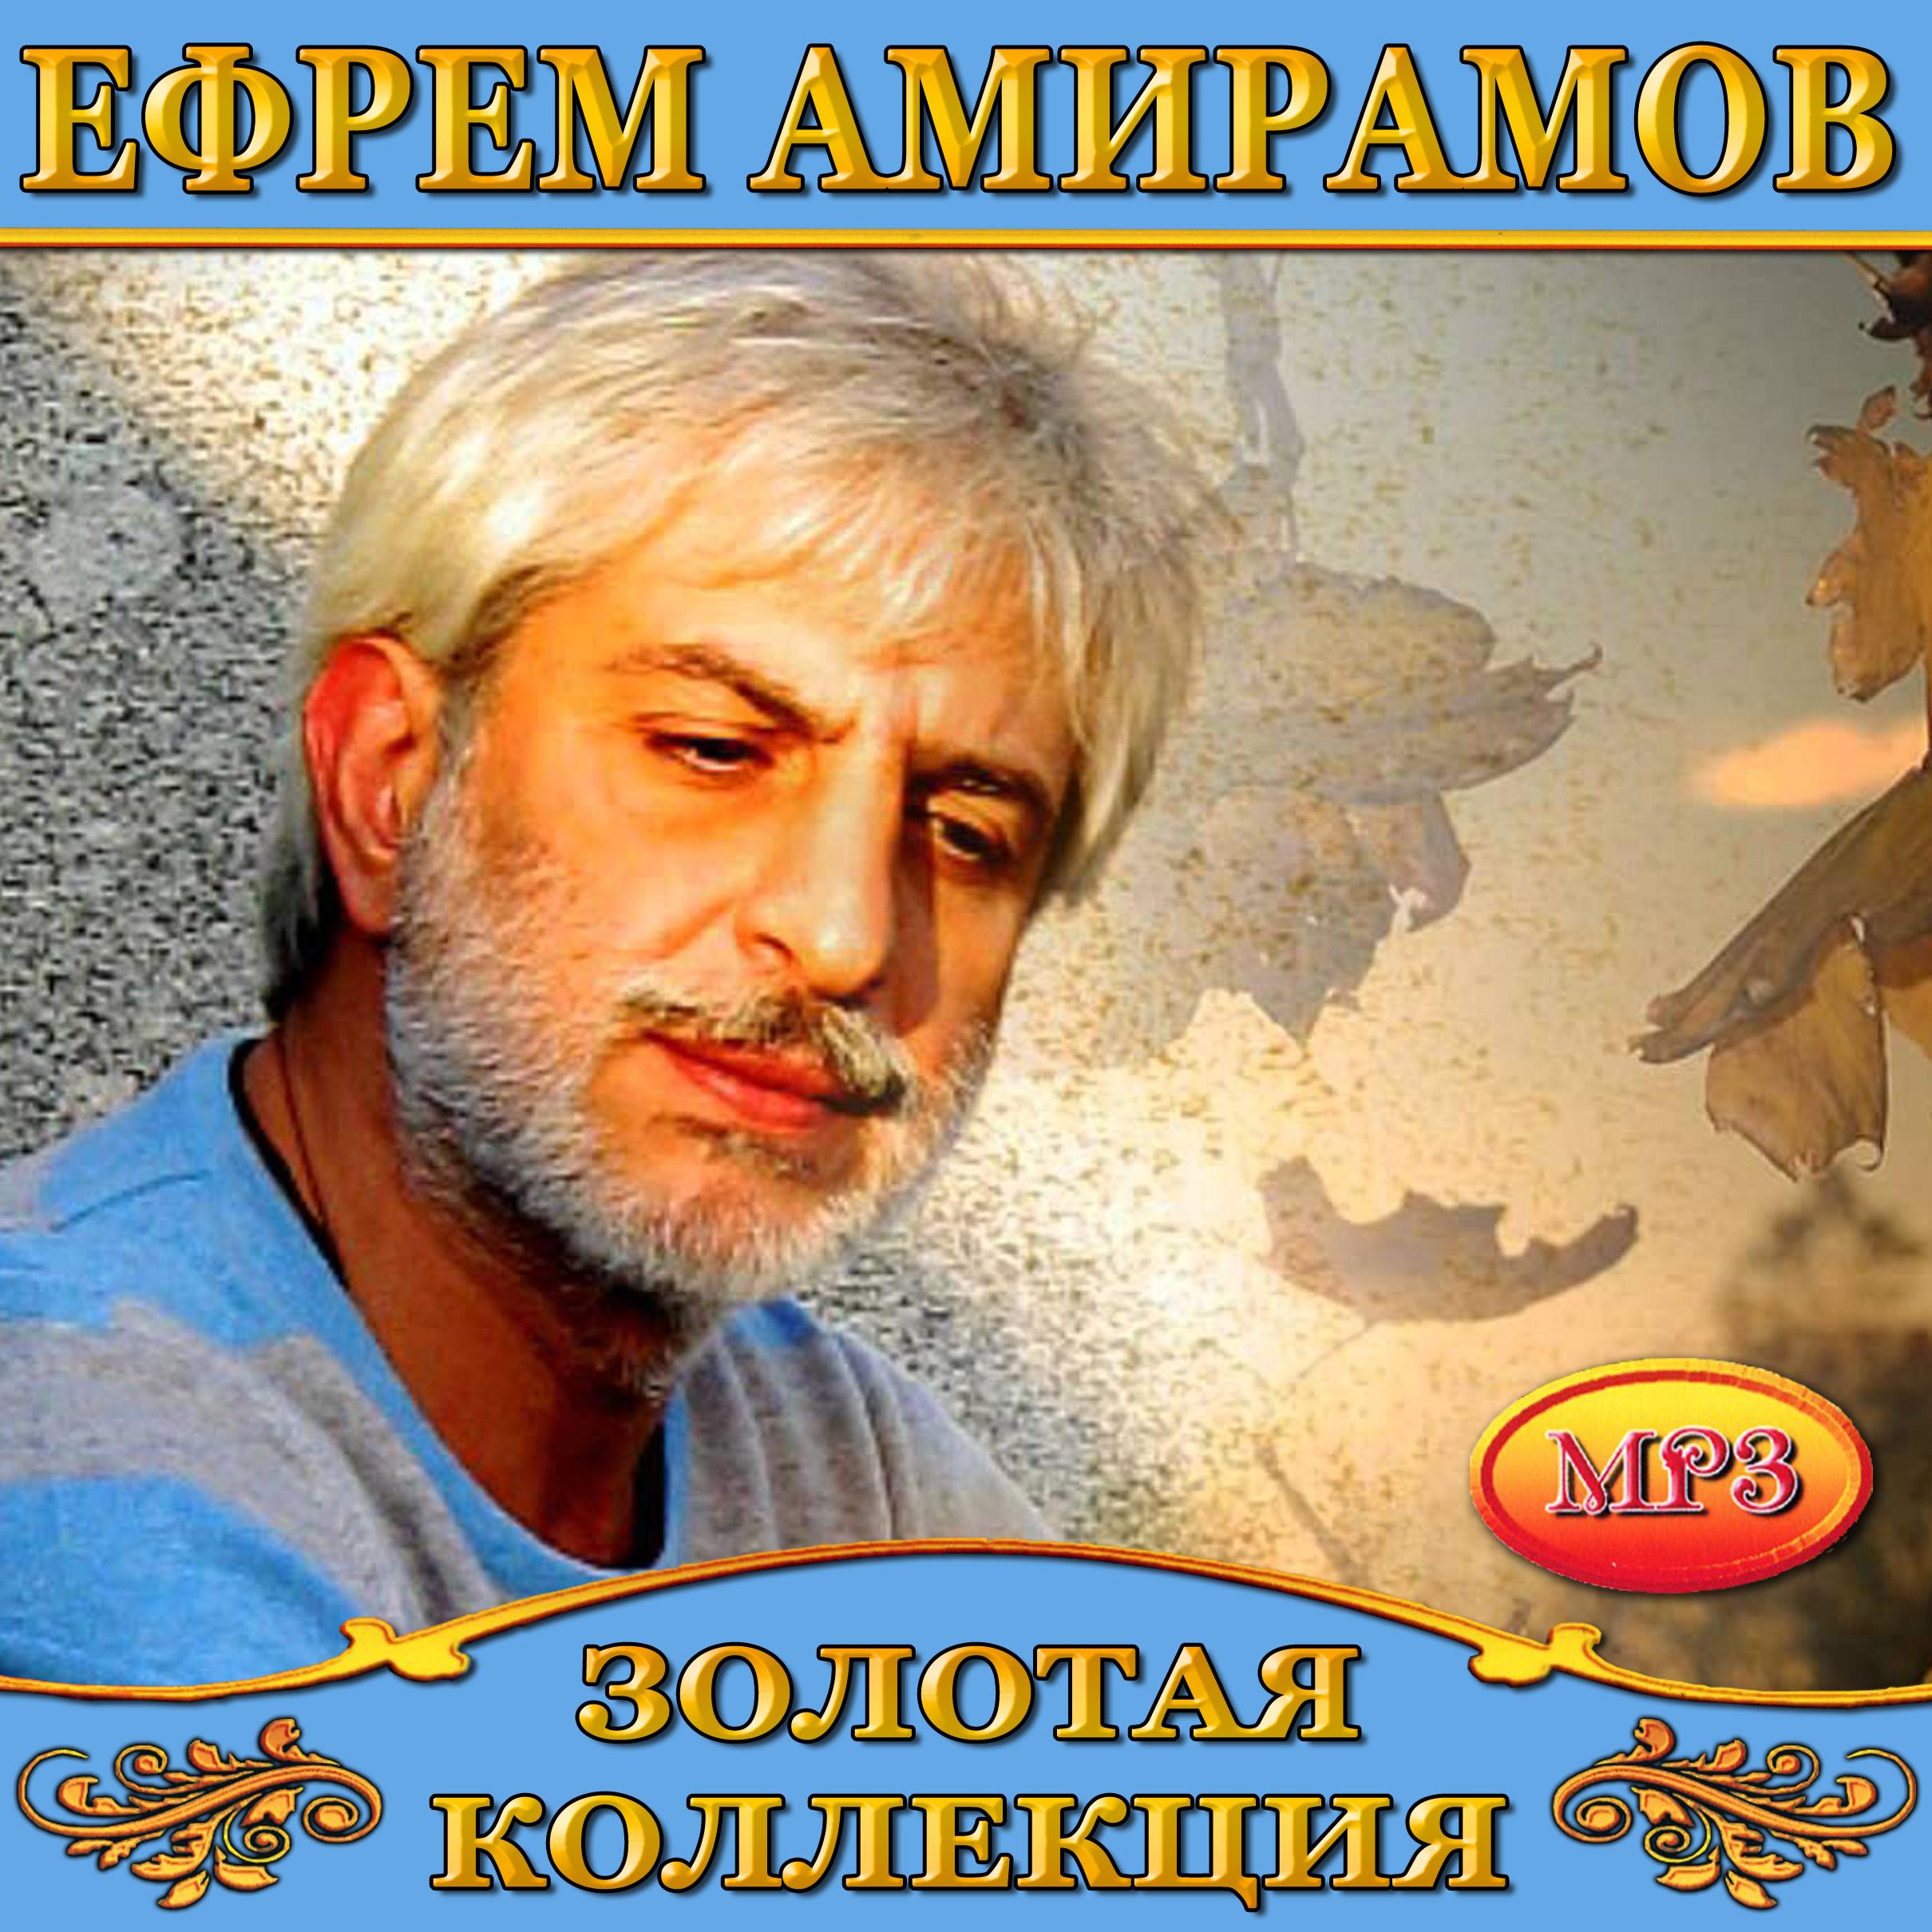 Ефрем Амирамов [mp3]